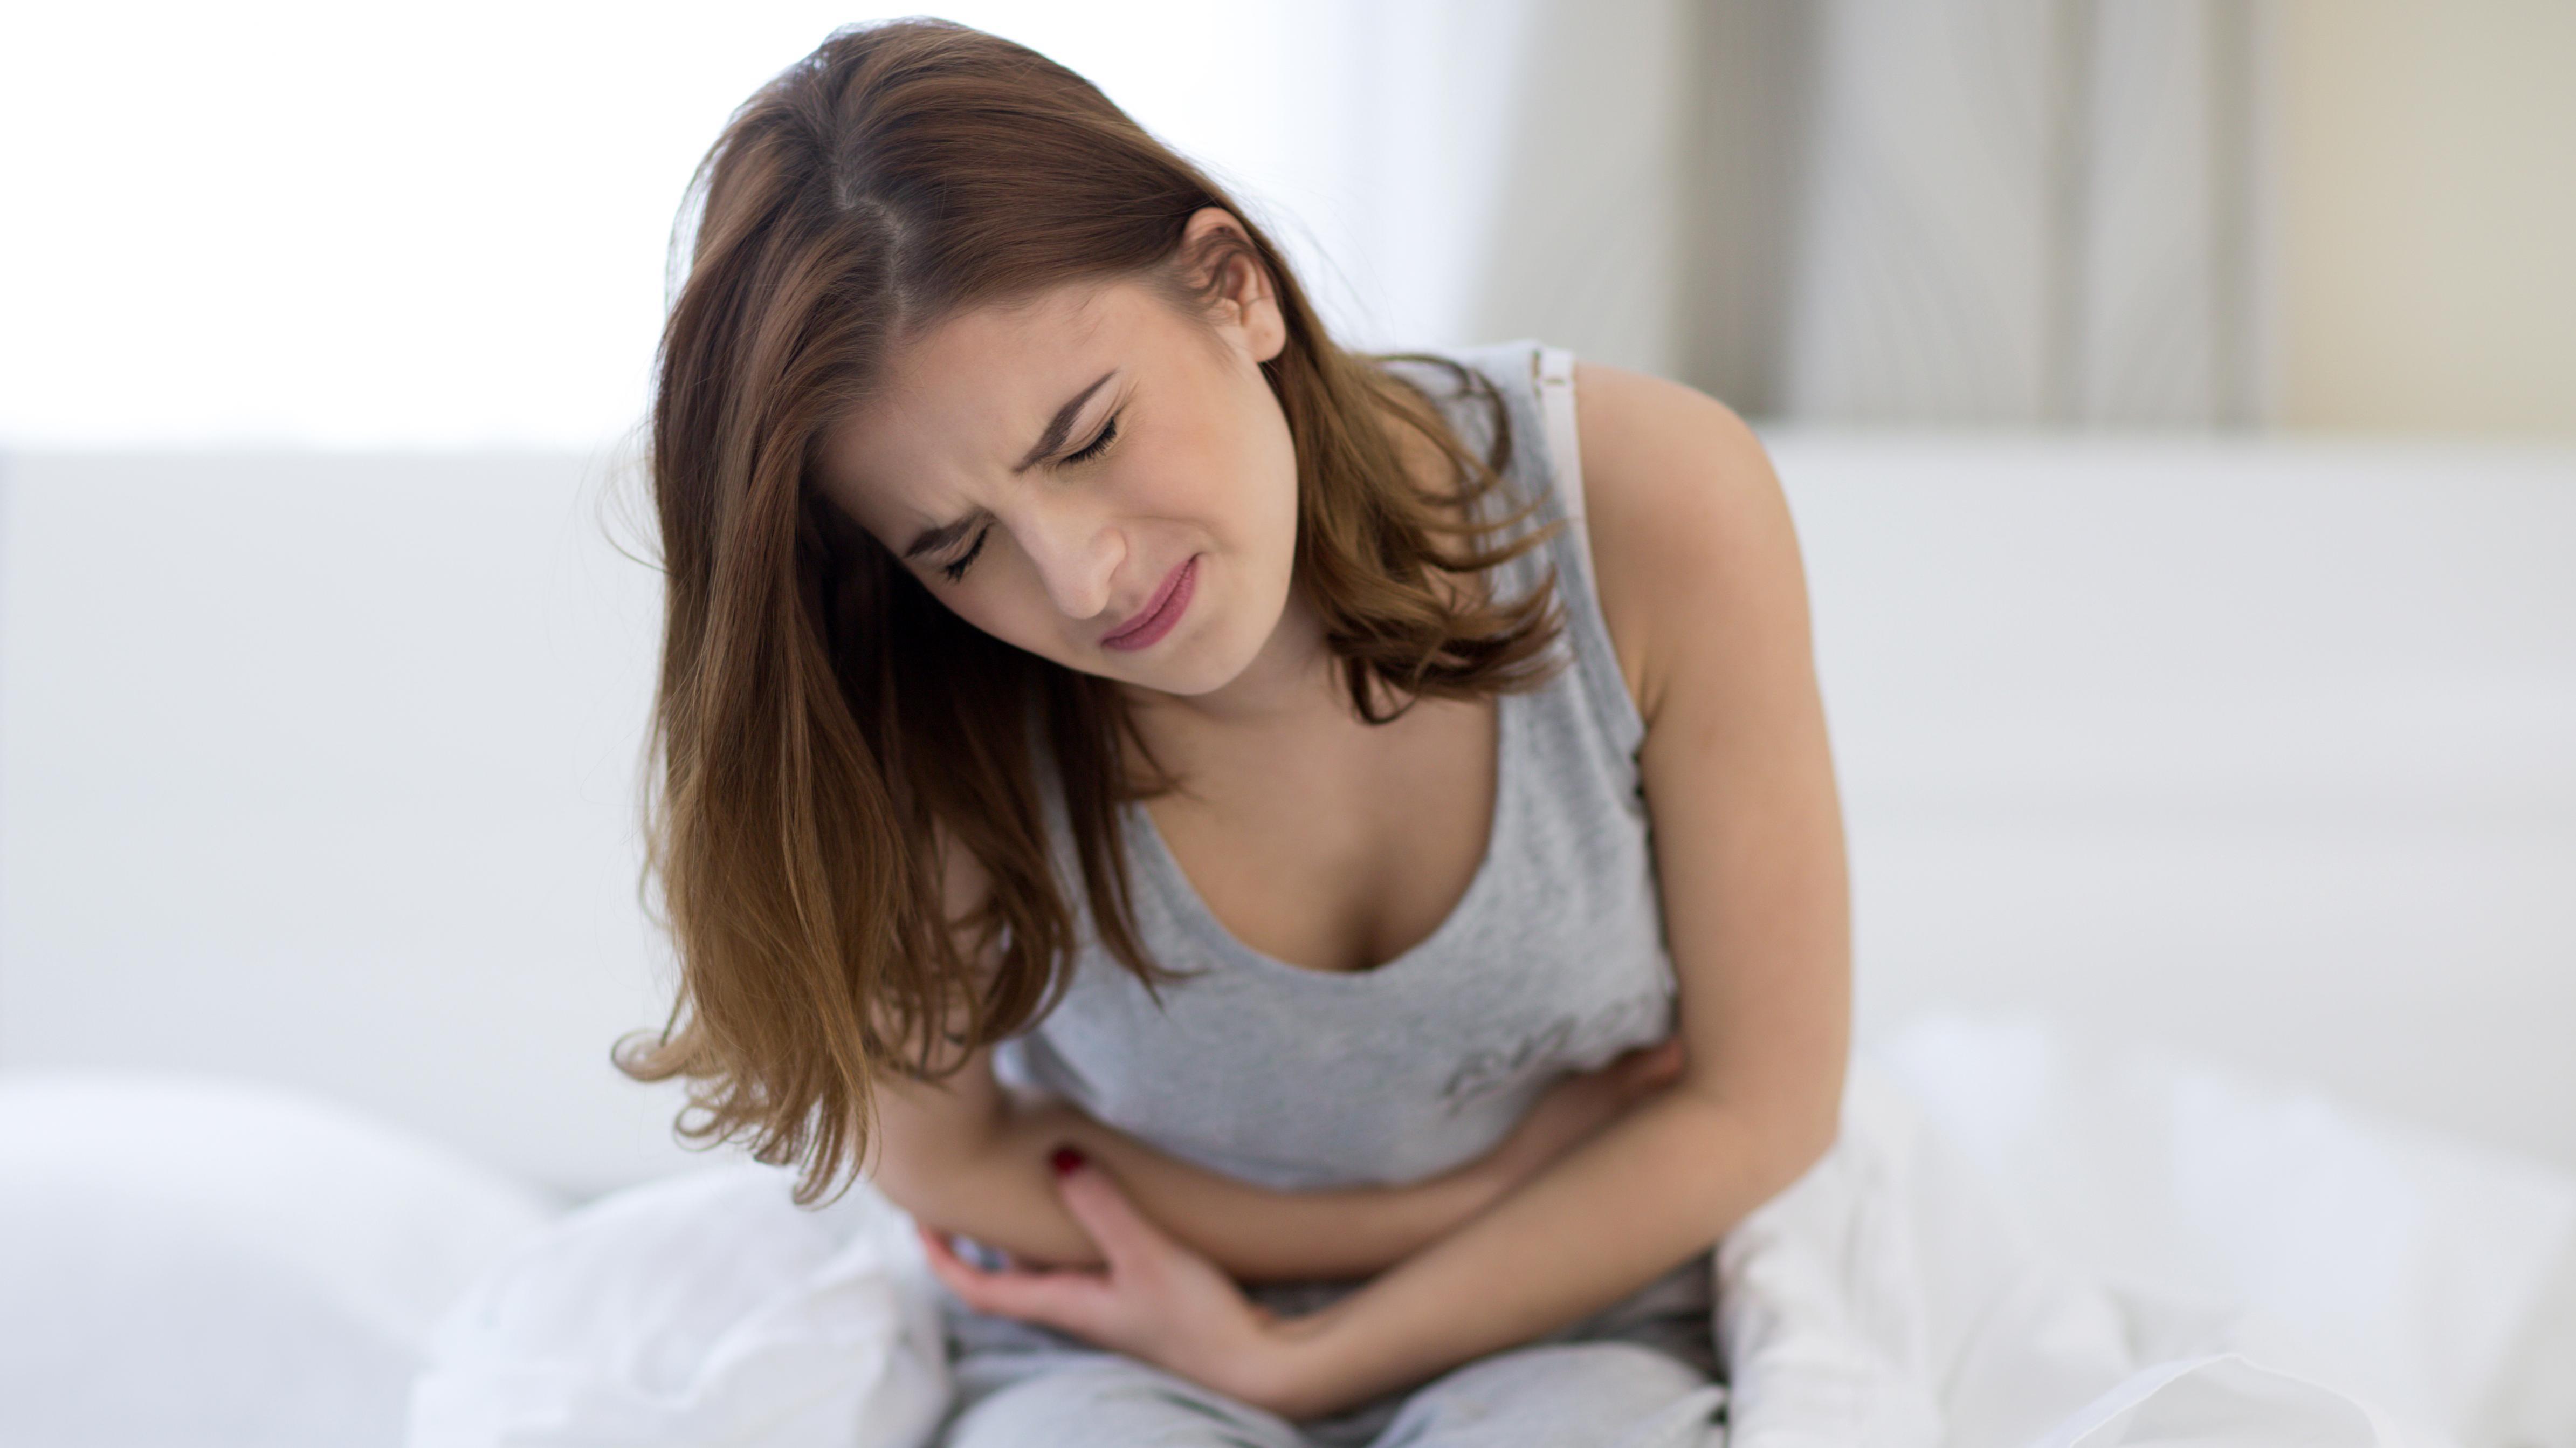 mavepine under samleje estrabladet massage